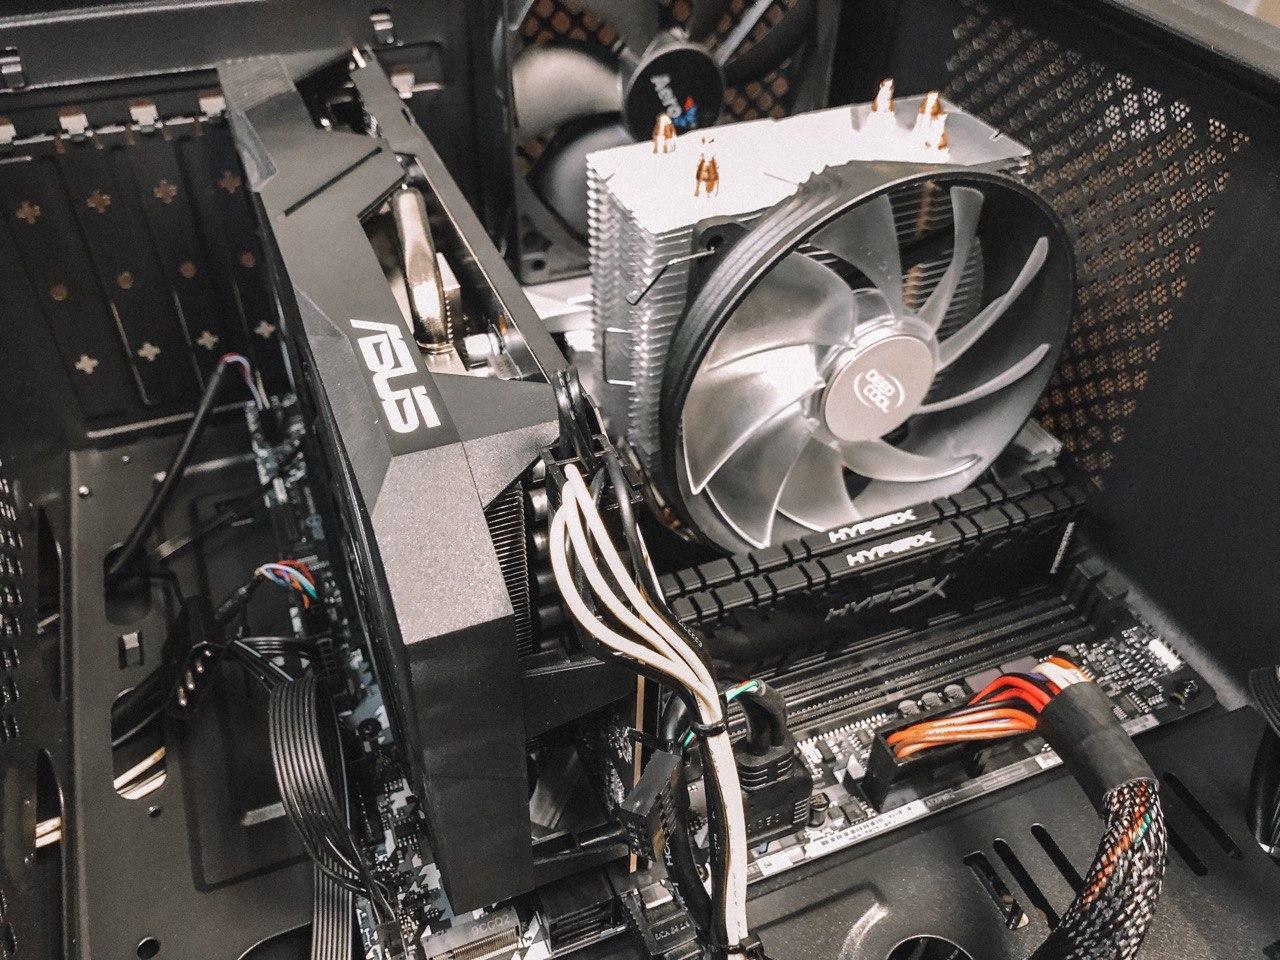 картинка Системный блок Status Home Ryzen 7 AMD + Radeon RX5500XT от магазина Одежда+